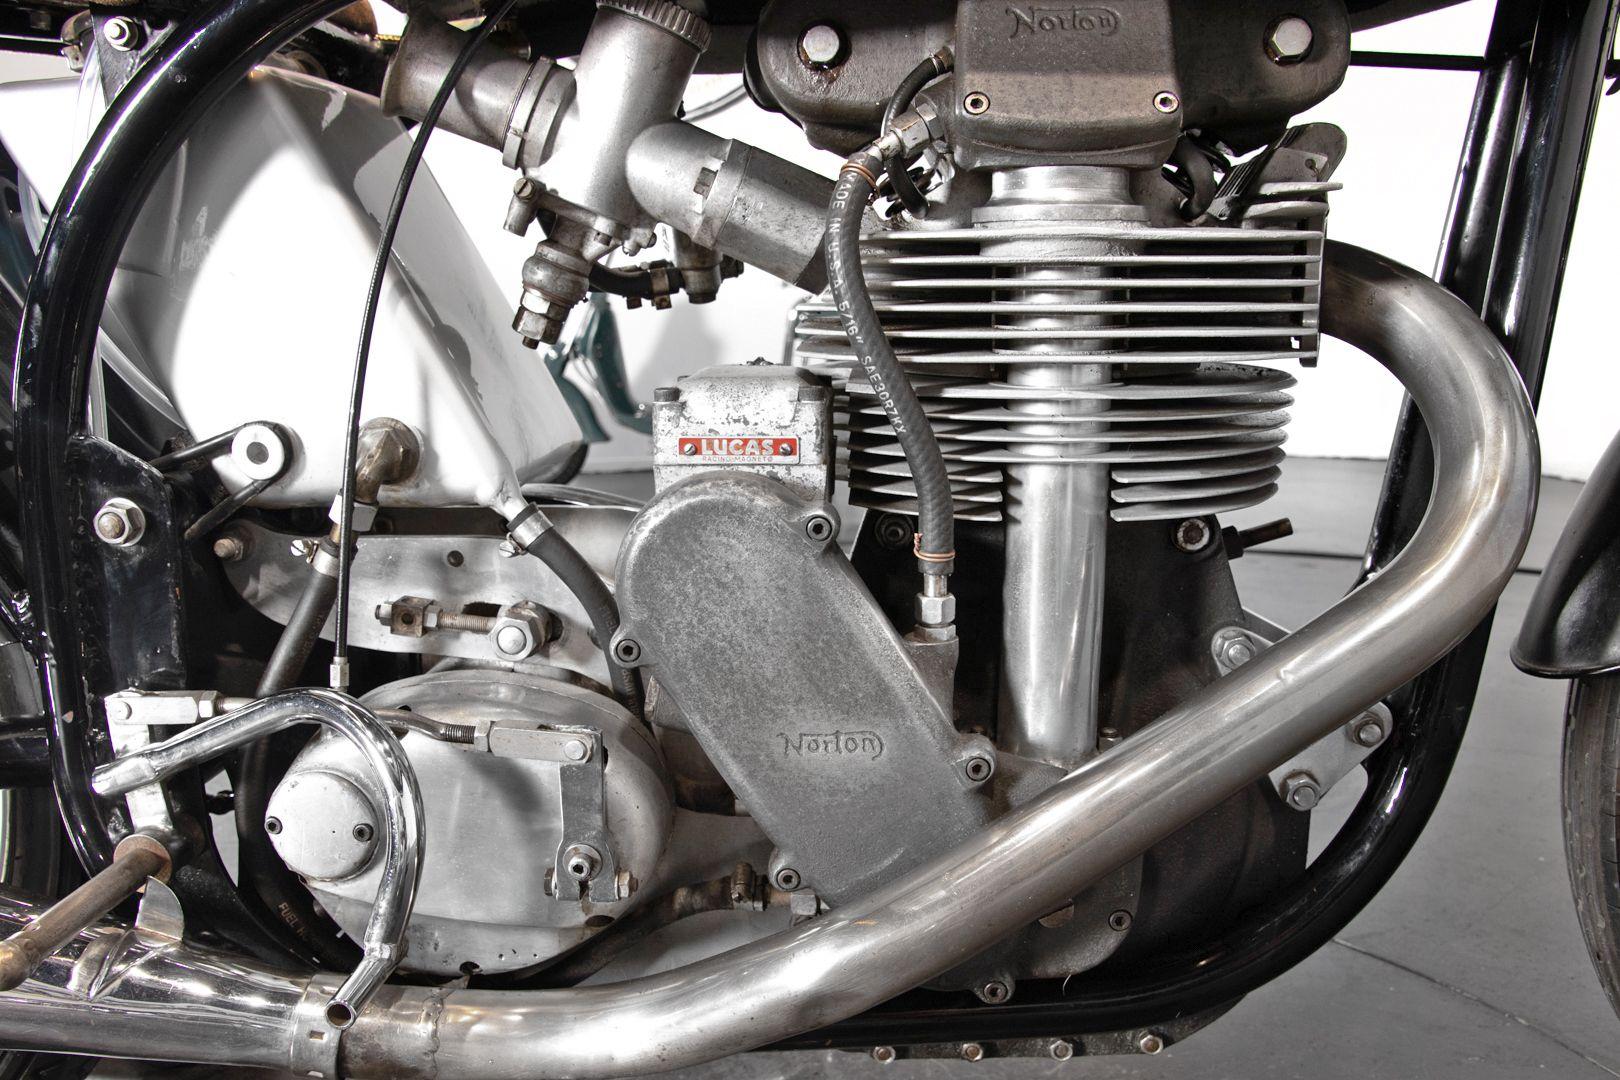 1959 Norton Manx Race 42137